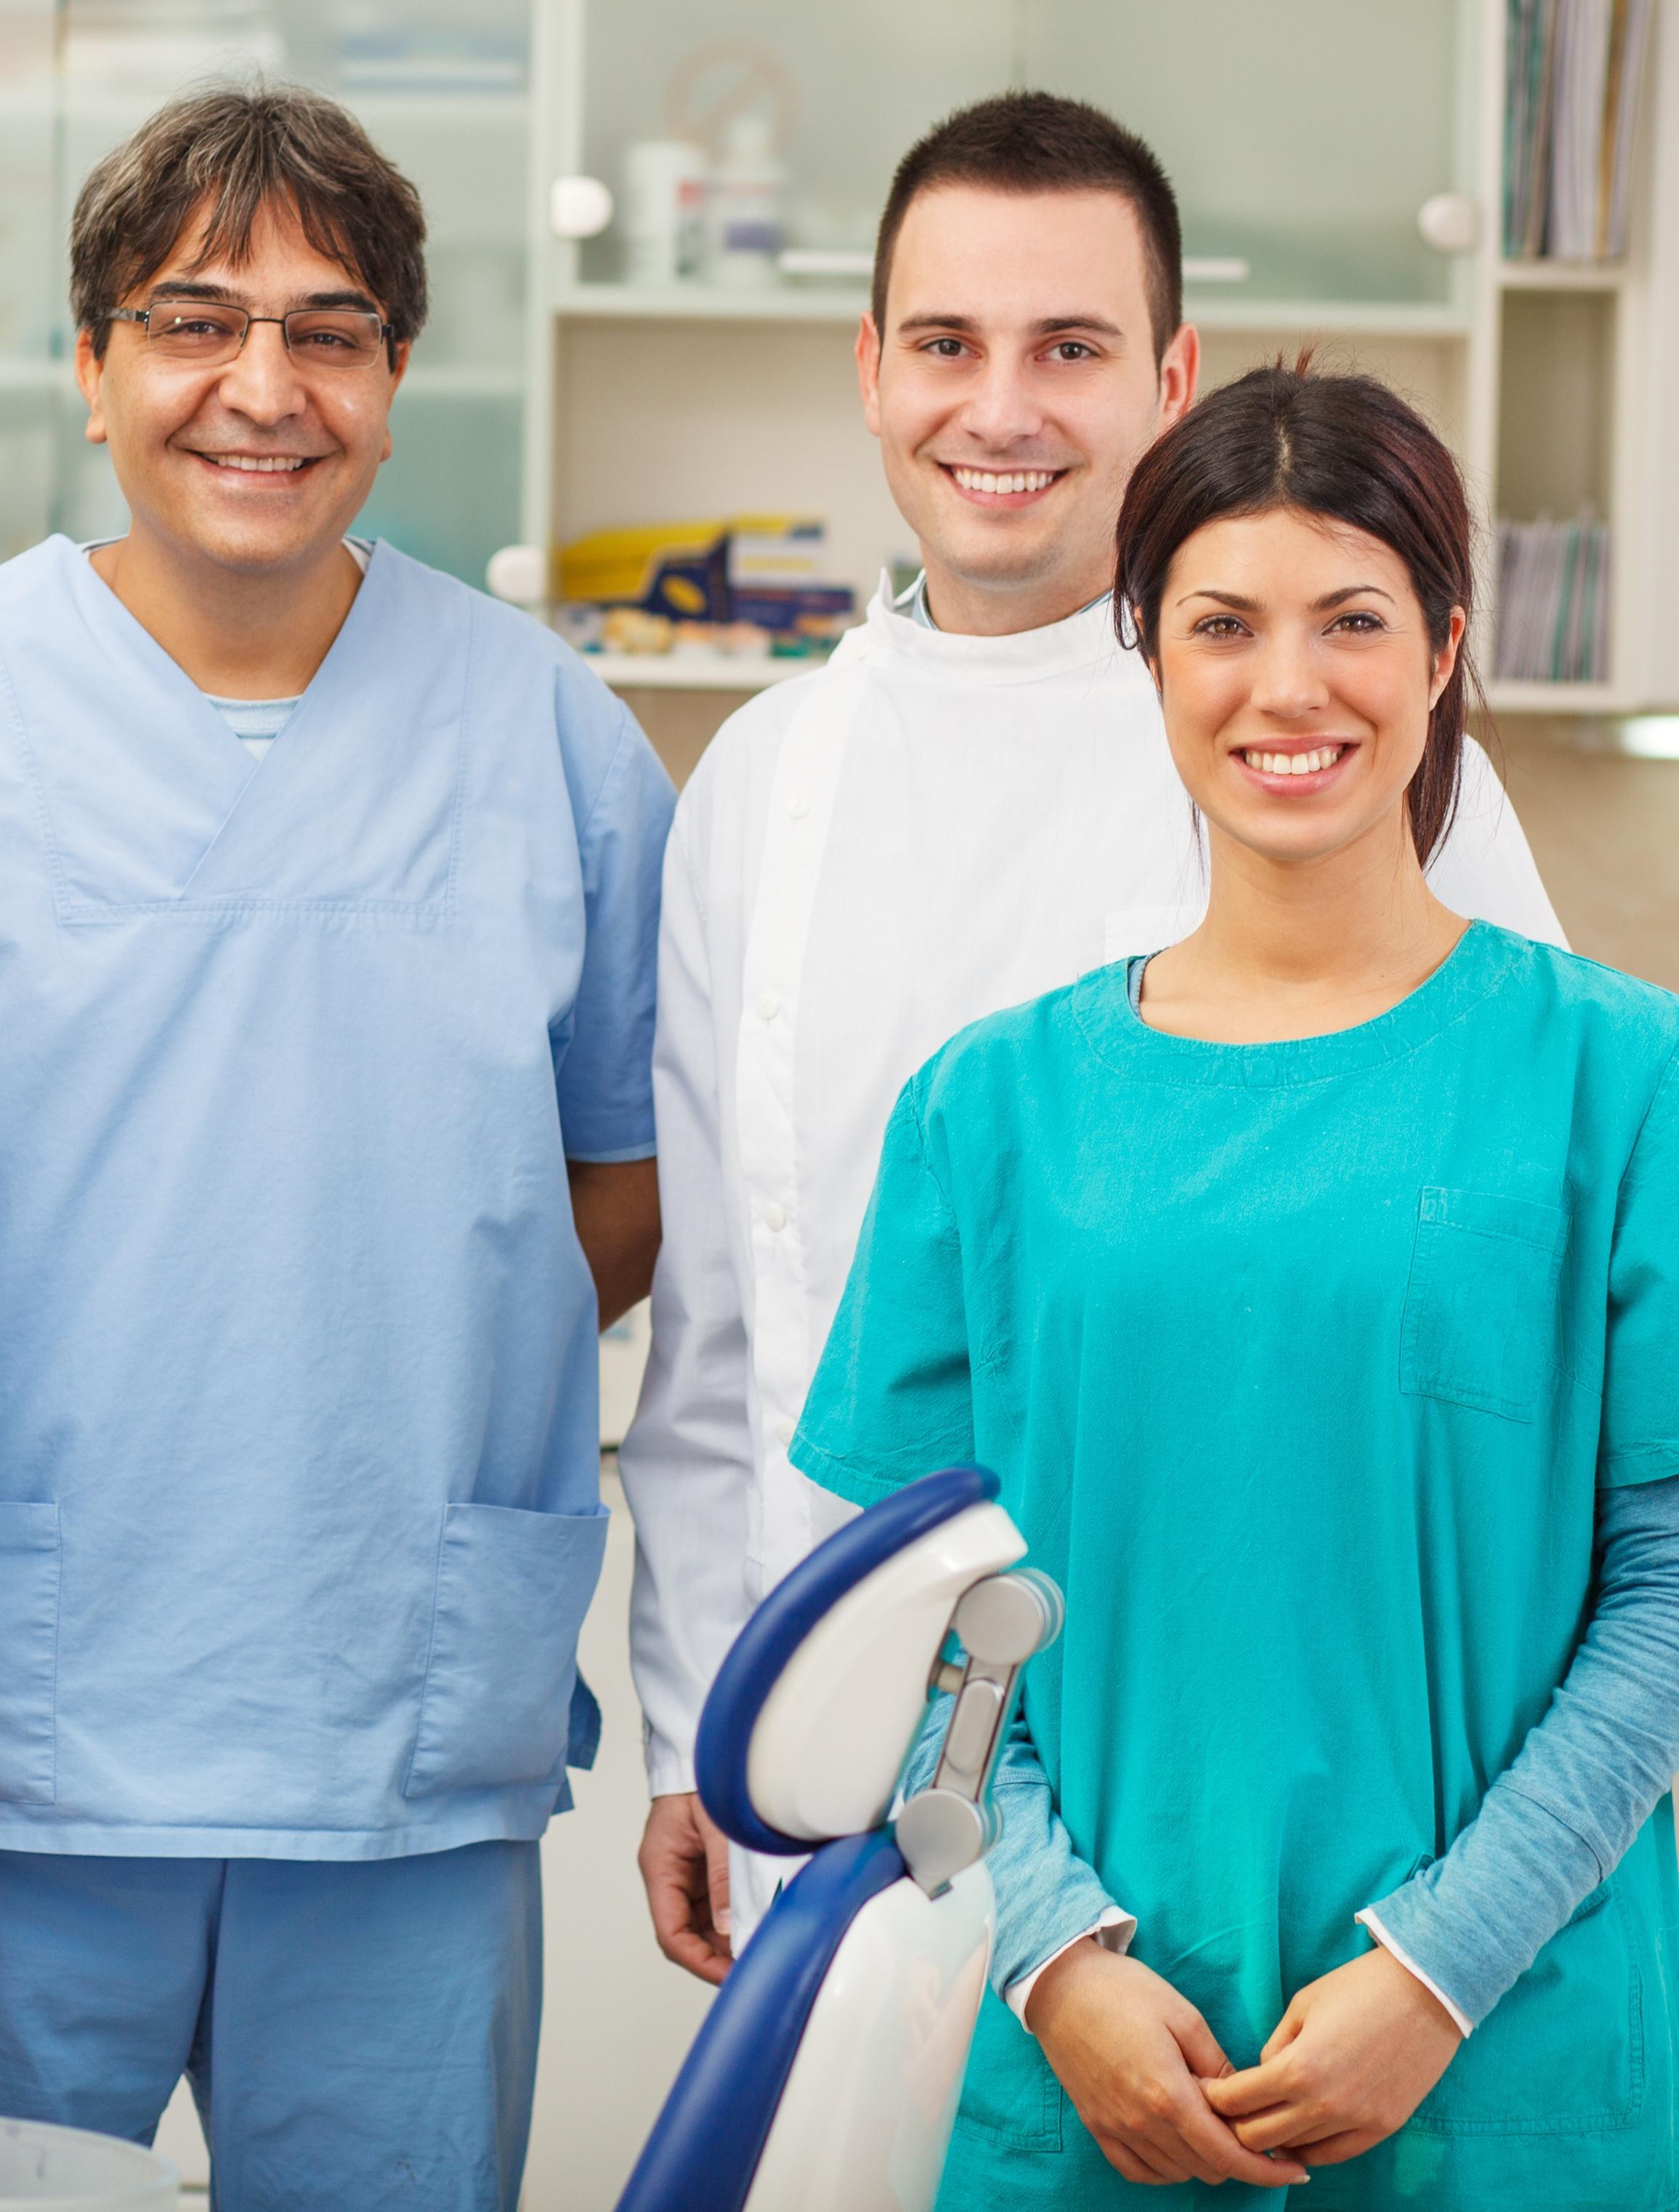 Dental Associateships | JPA Dental Transitions